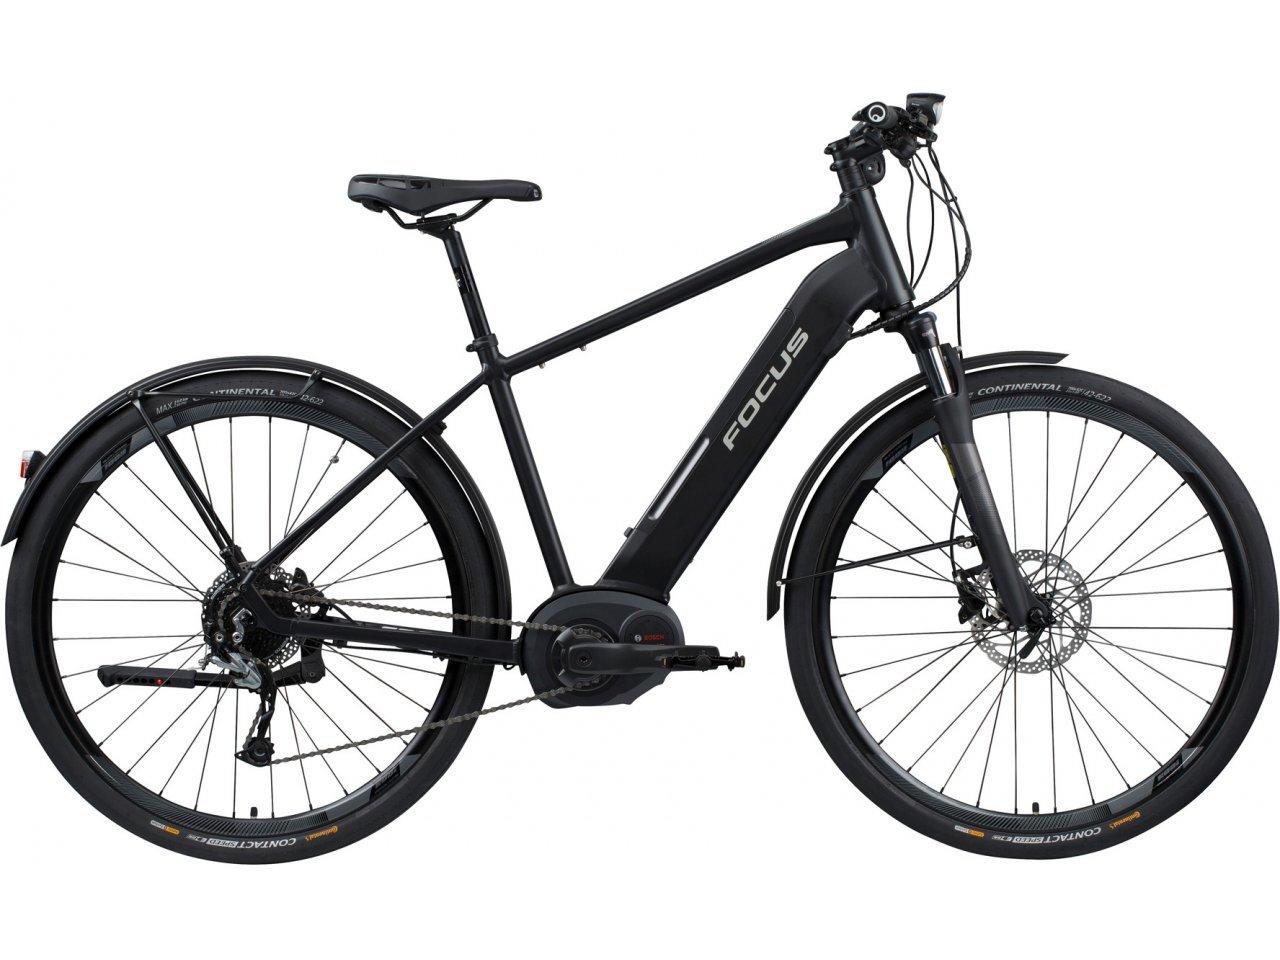 0% Finanzierung bei Bike Components über Paypal + 30% Rabatt auf das Focus Planet2 E-Bike